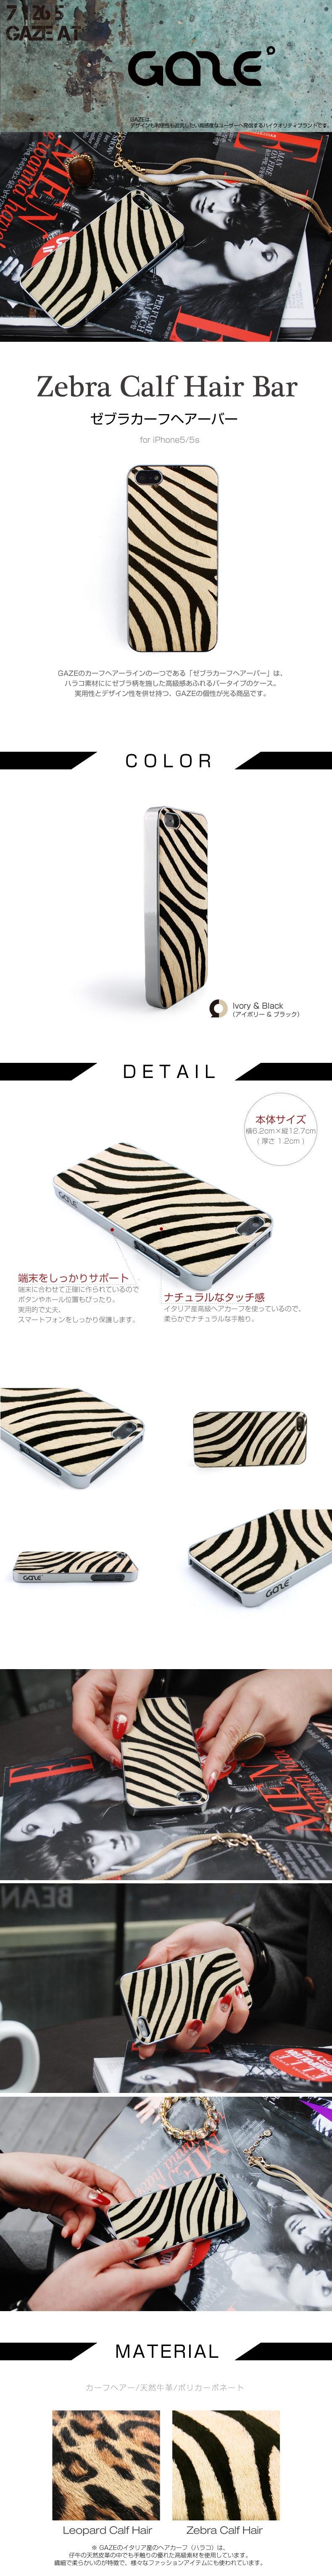 商品詳細iPhone5/5sZebra Calf Hair Bar (ゼブラカーフヘアーバー)